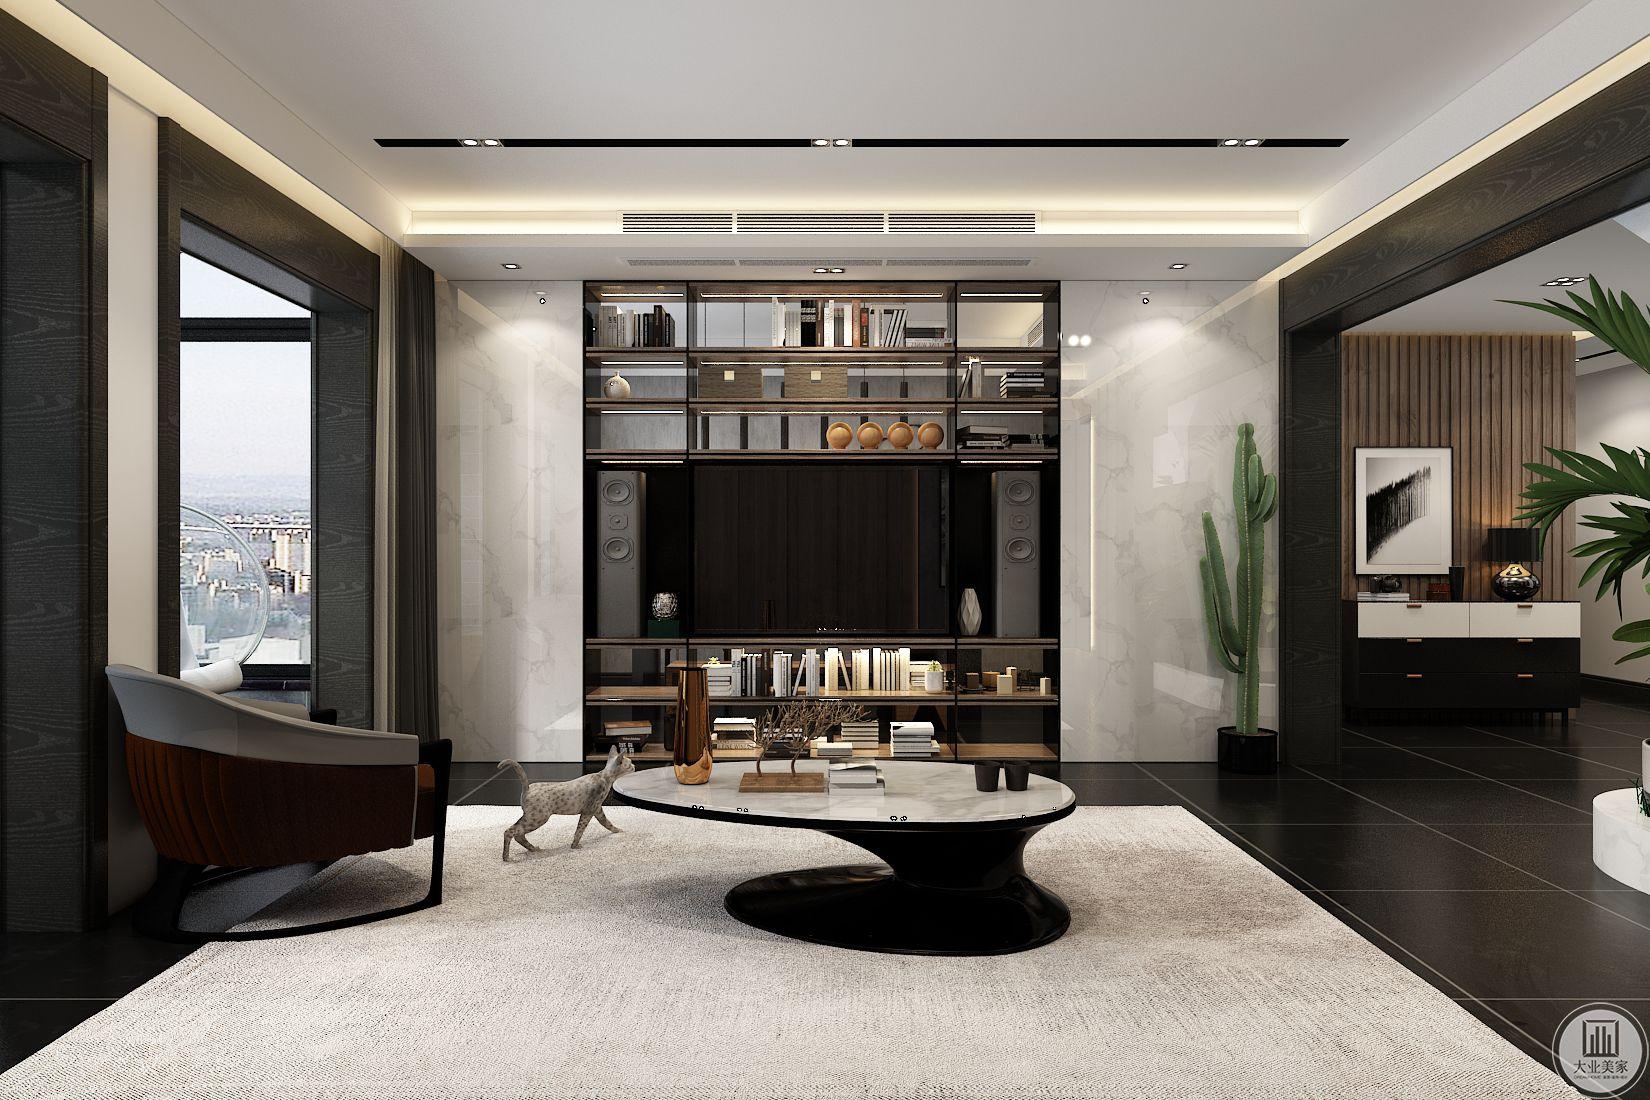 客厅装修效果图:电视嵌入陈列柜,增强收纳空间,两侧用白色瓷砖装饰,右侧摆放绿植。